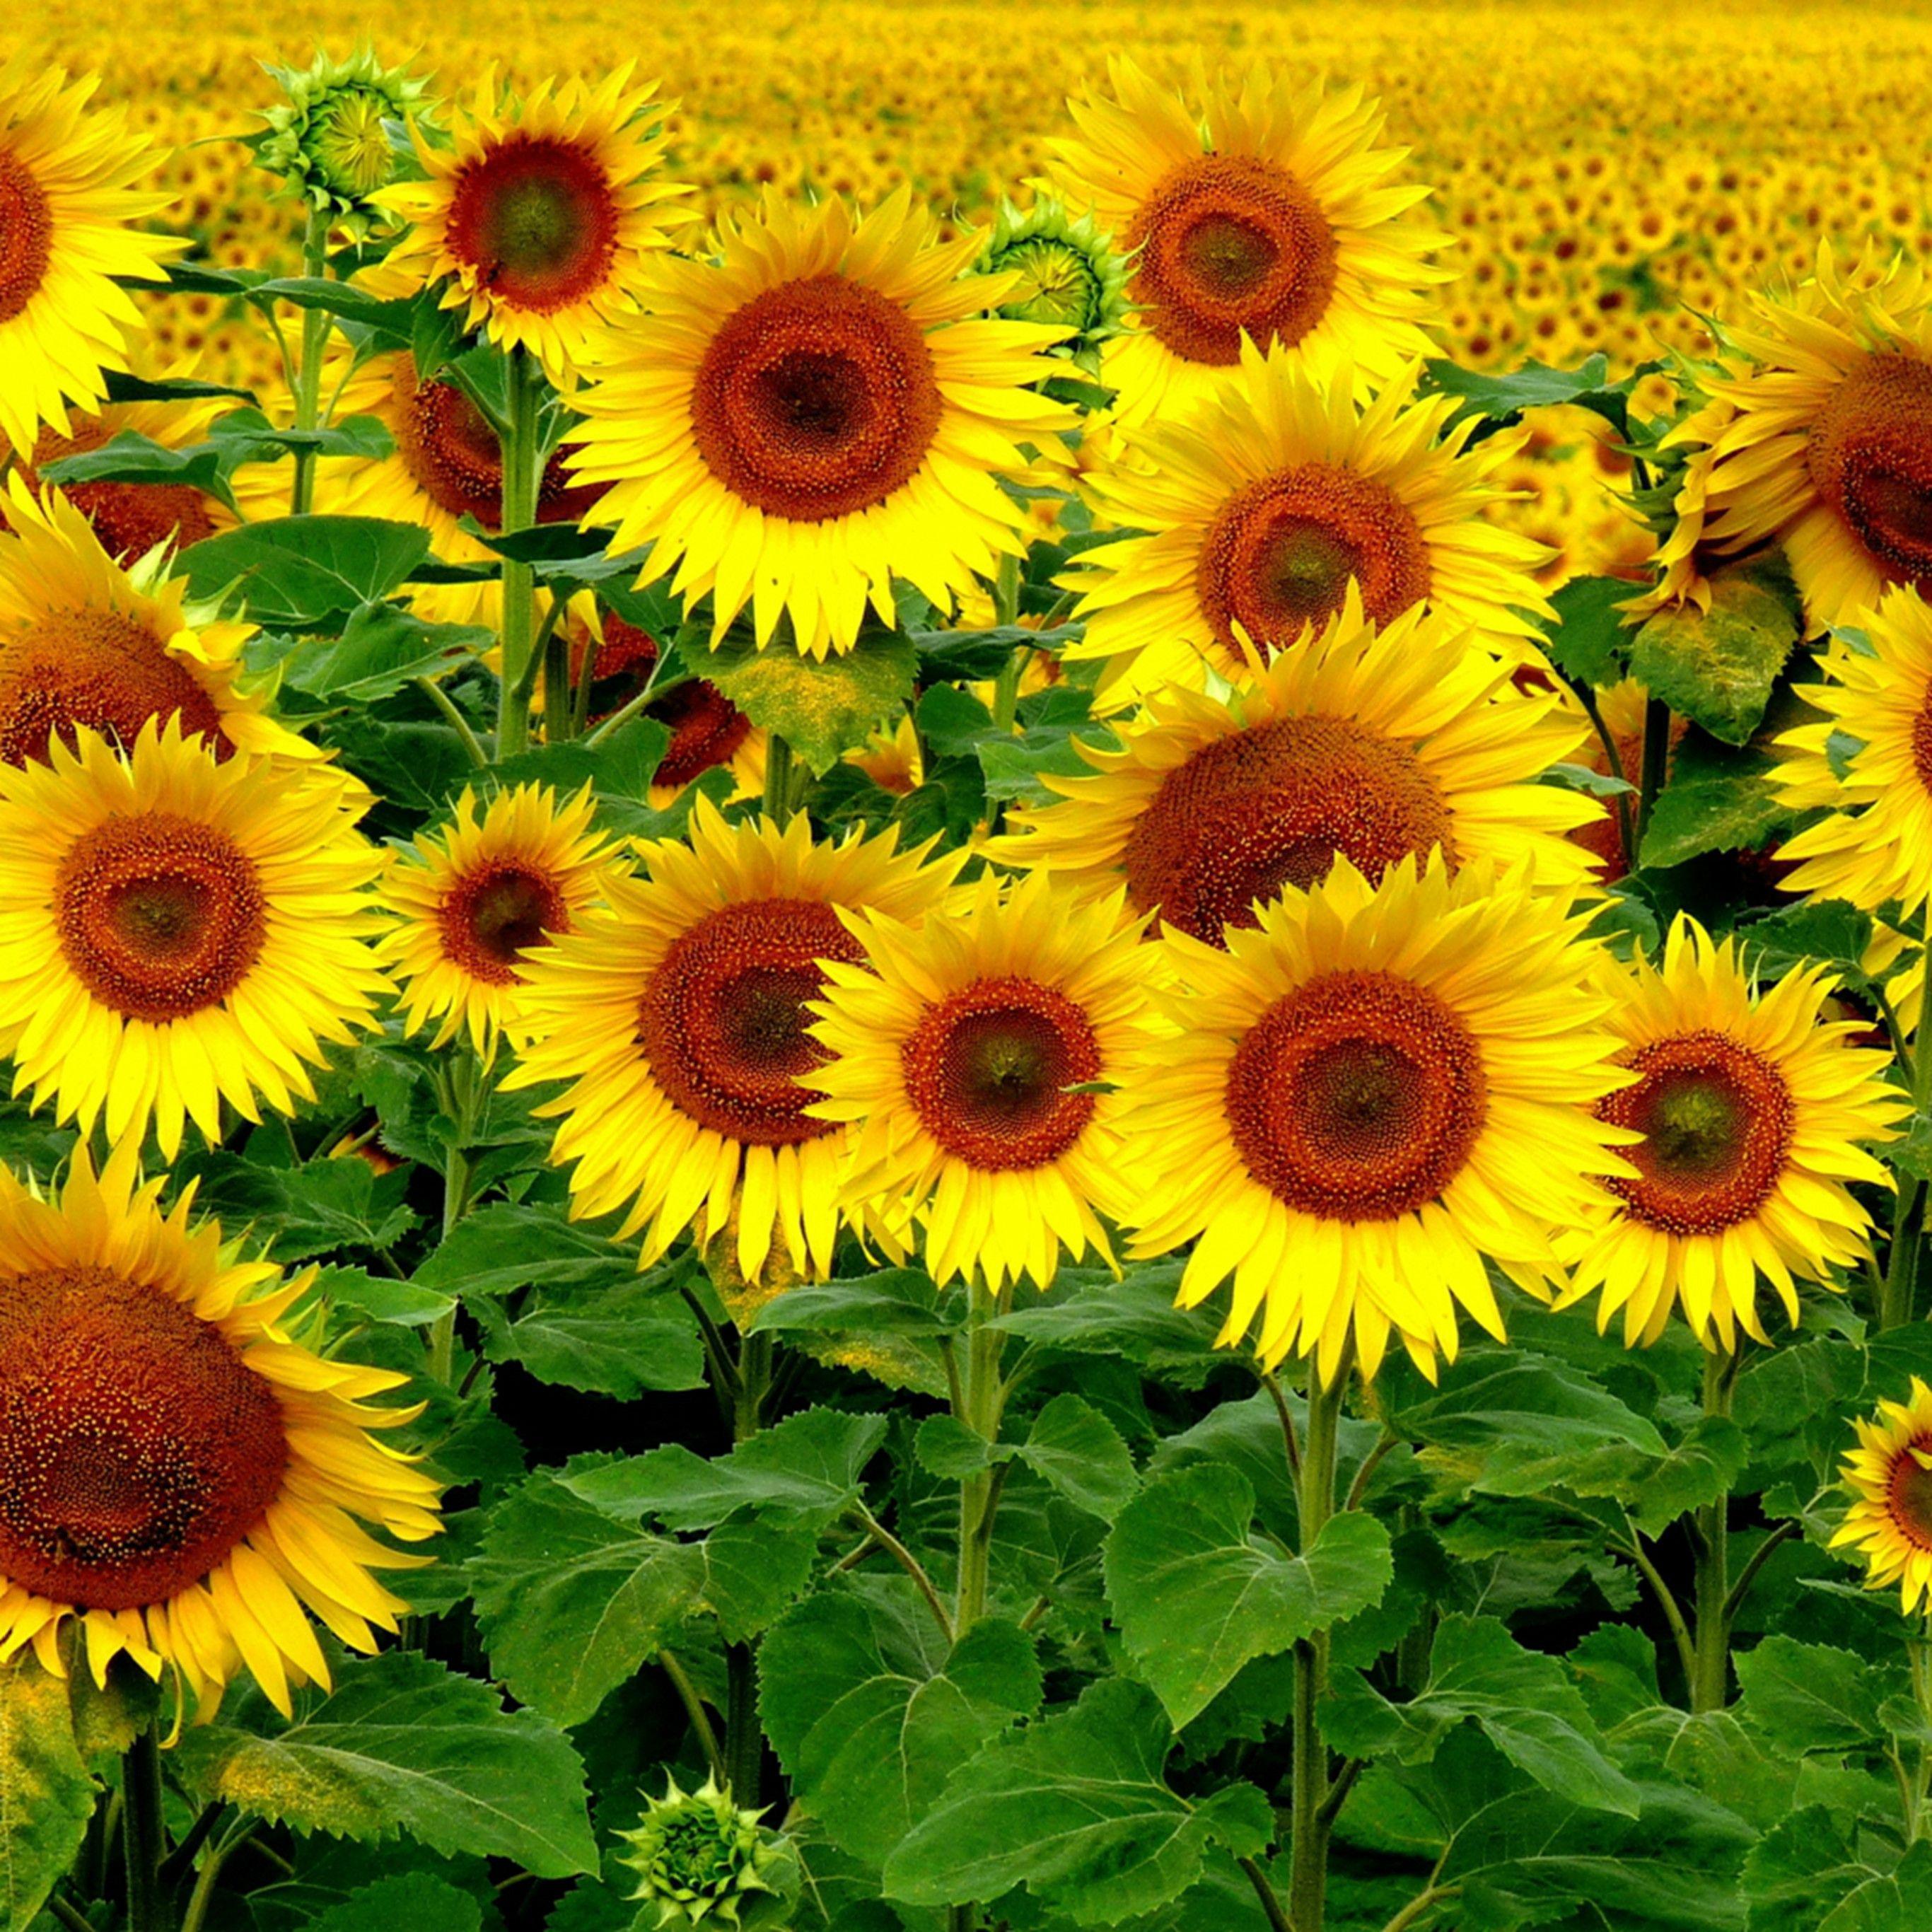 Field Sunflowers Landscape IPad Pro Wallpaper